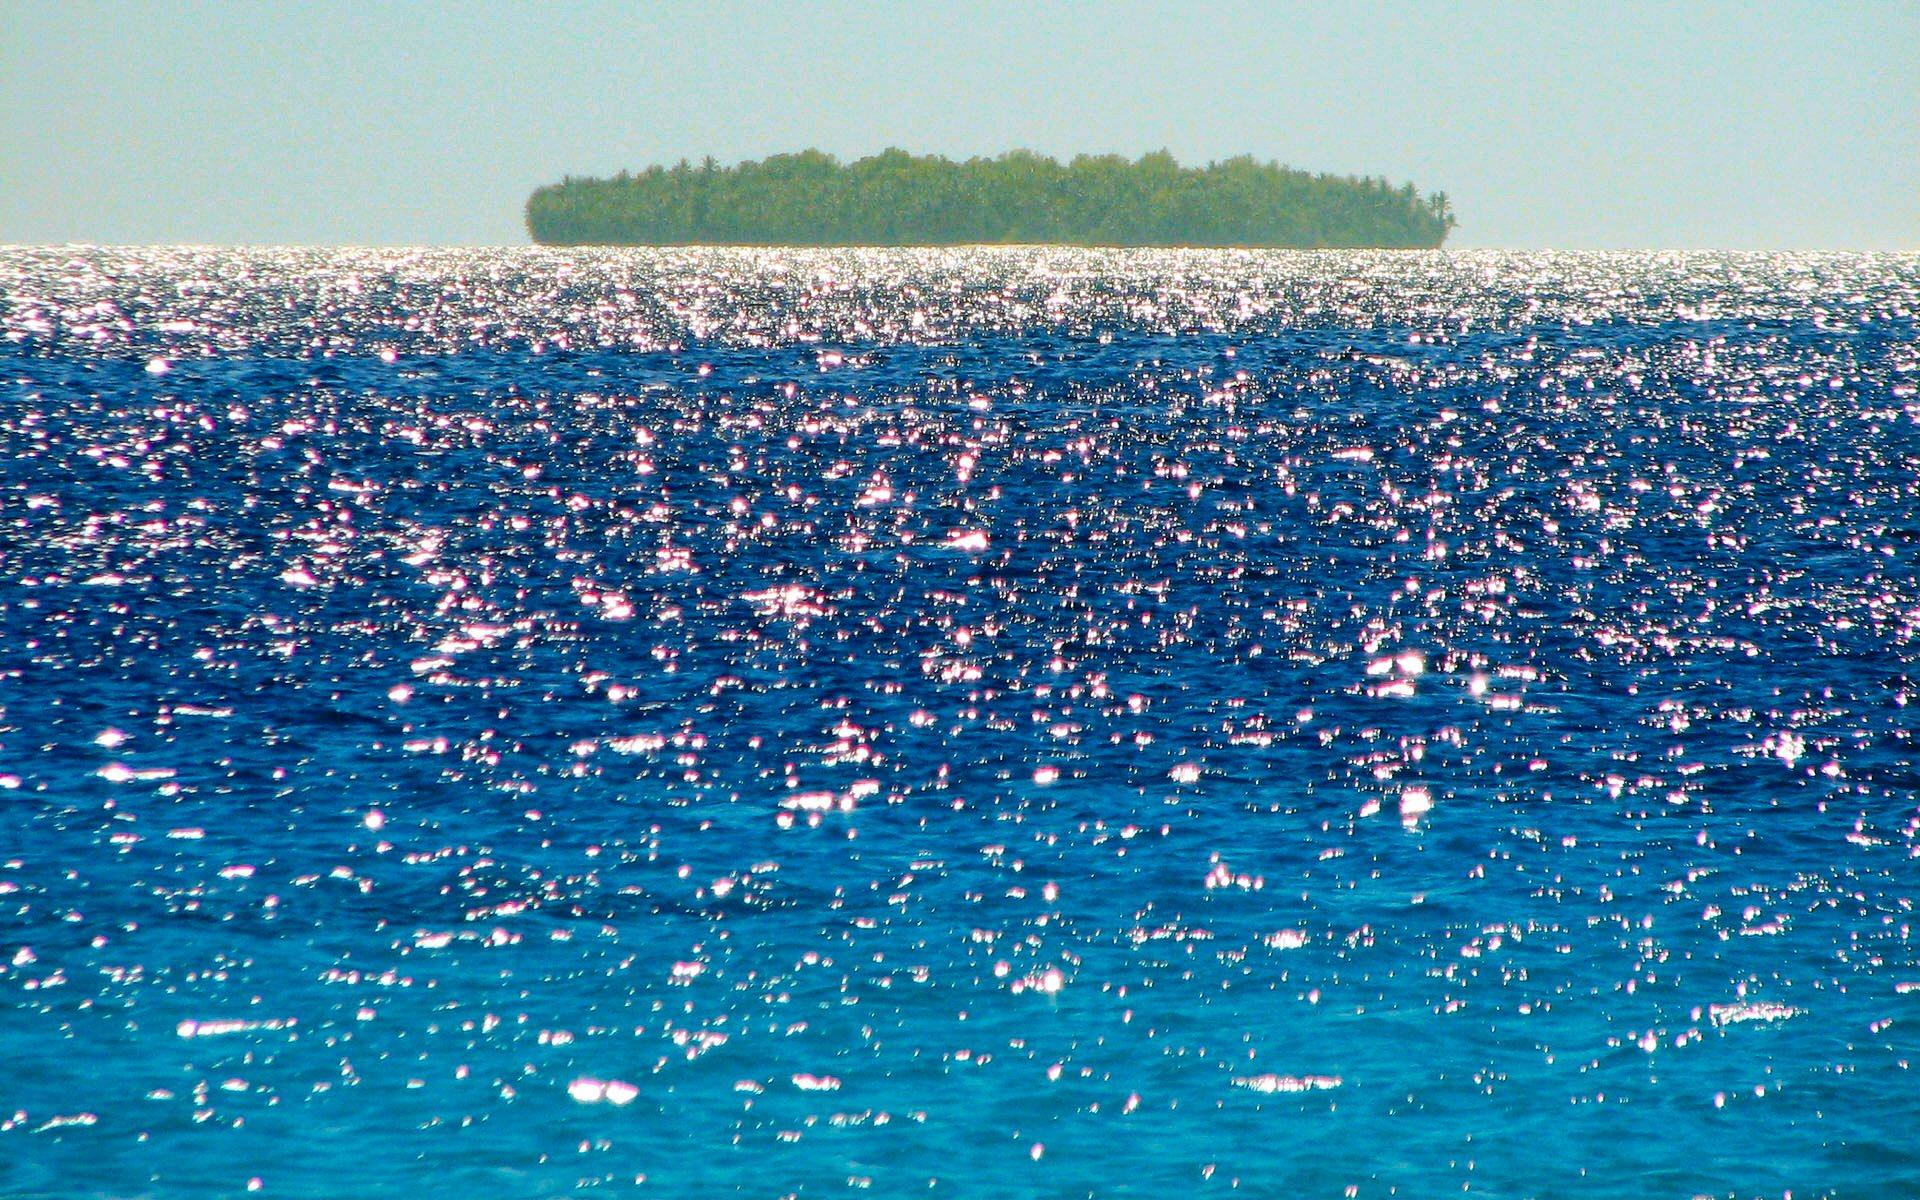 خلفيات وصور بحار احلي صور عن البحر hd (1)